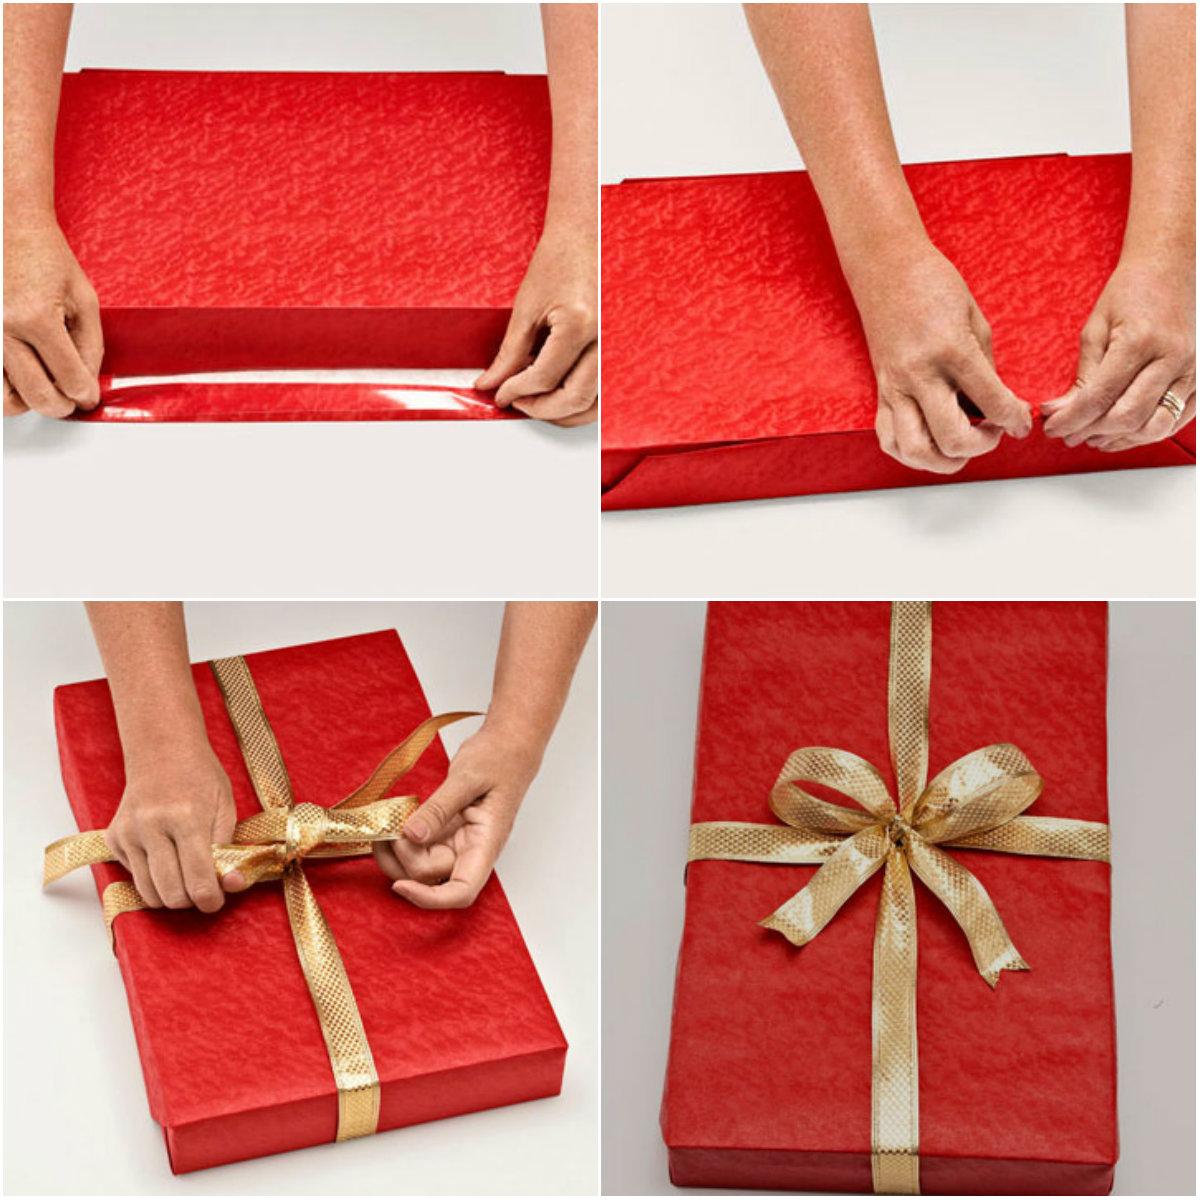 Упаковка подарка в красную бумагу и золотистую ленту